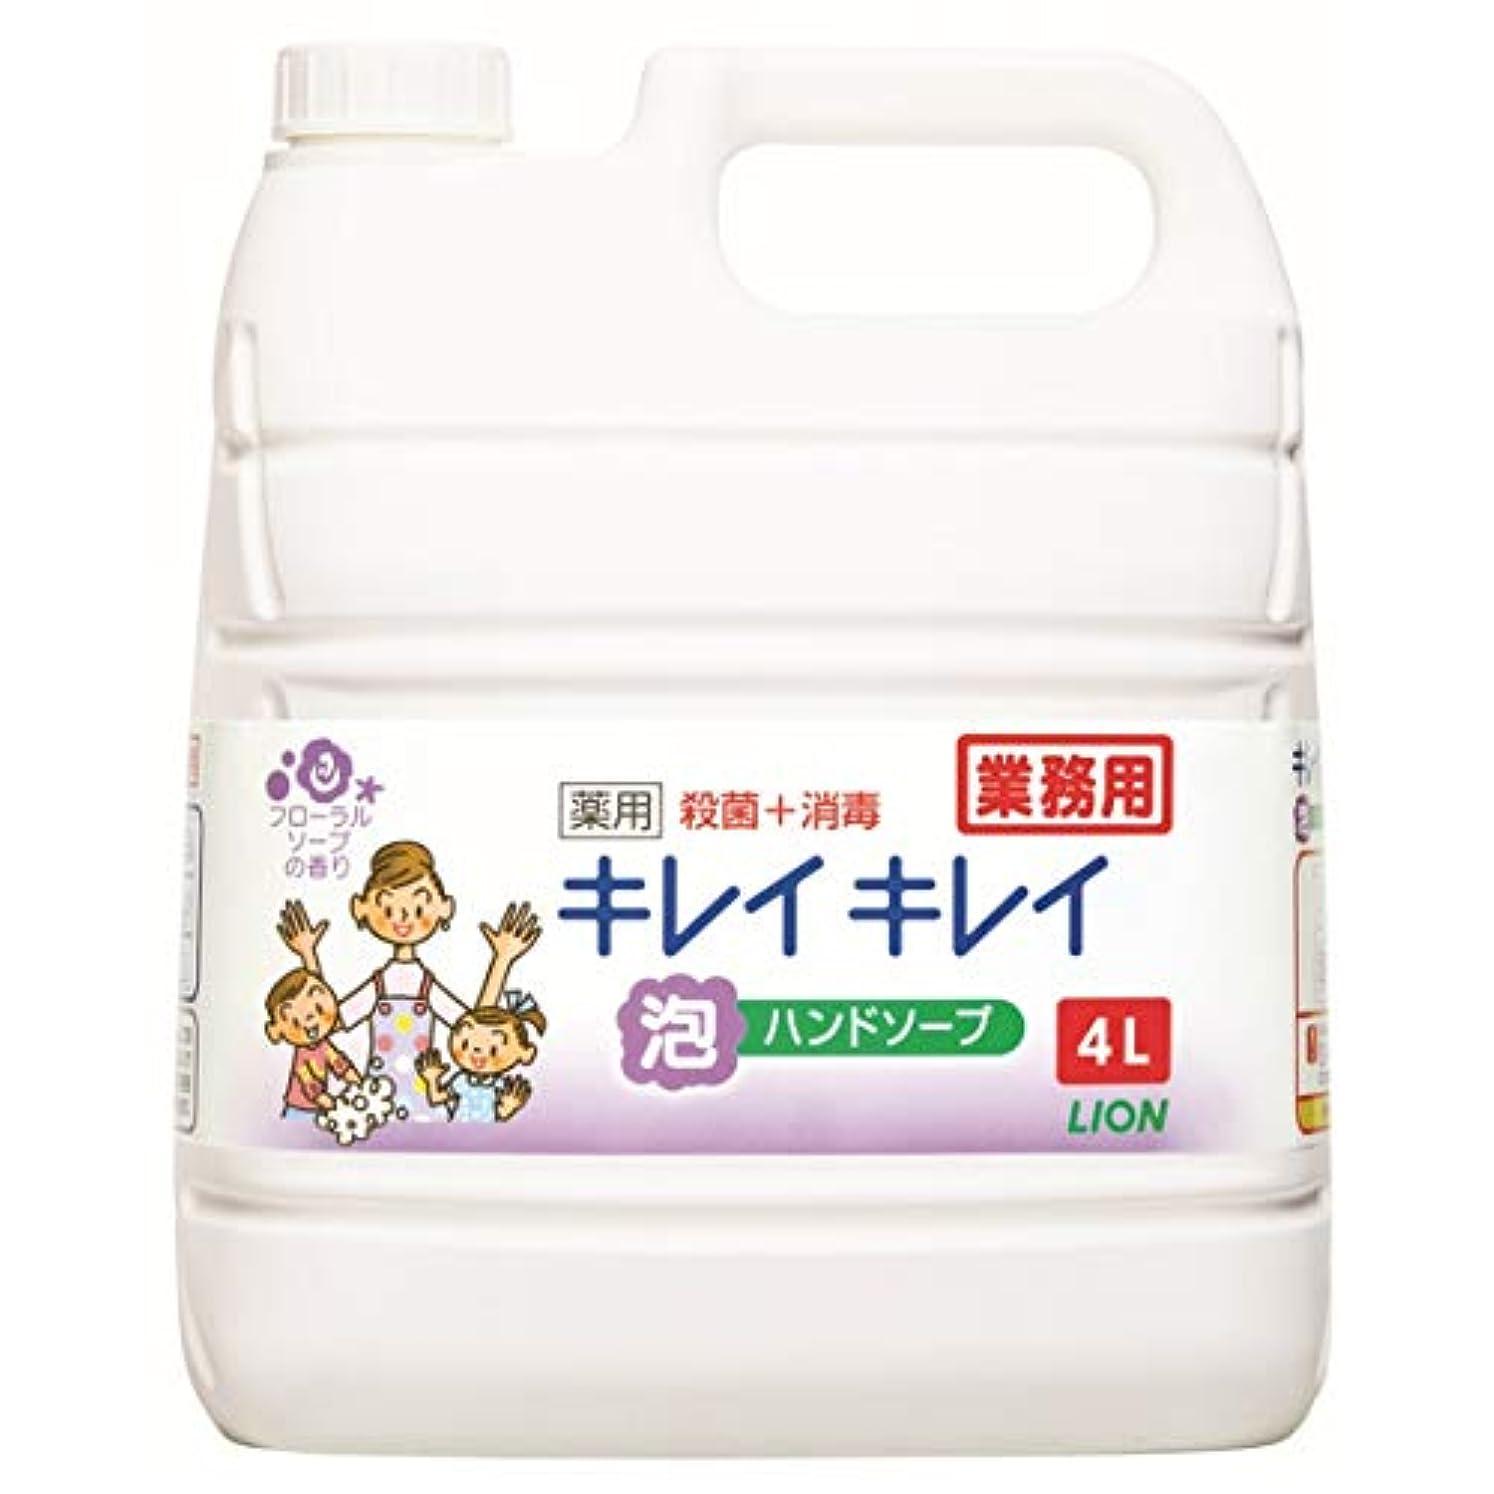 科学的複数チャンス【業務用 大容量】キレイキレイ 薬用 泡ハンドソープフローラルソープの香り 4L(医薬部外品)